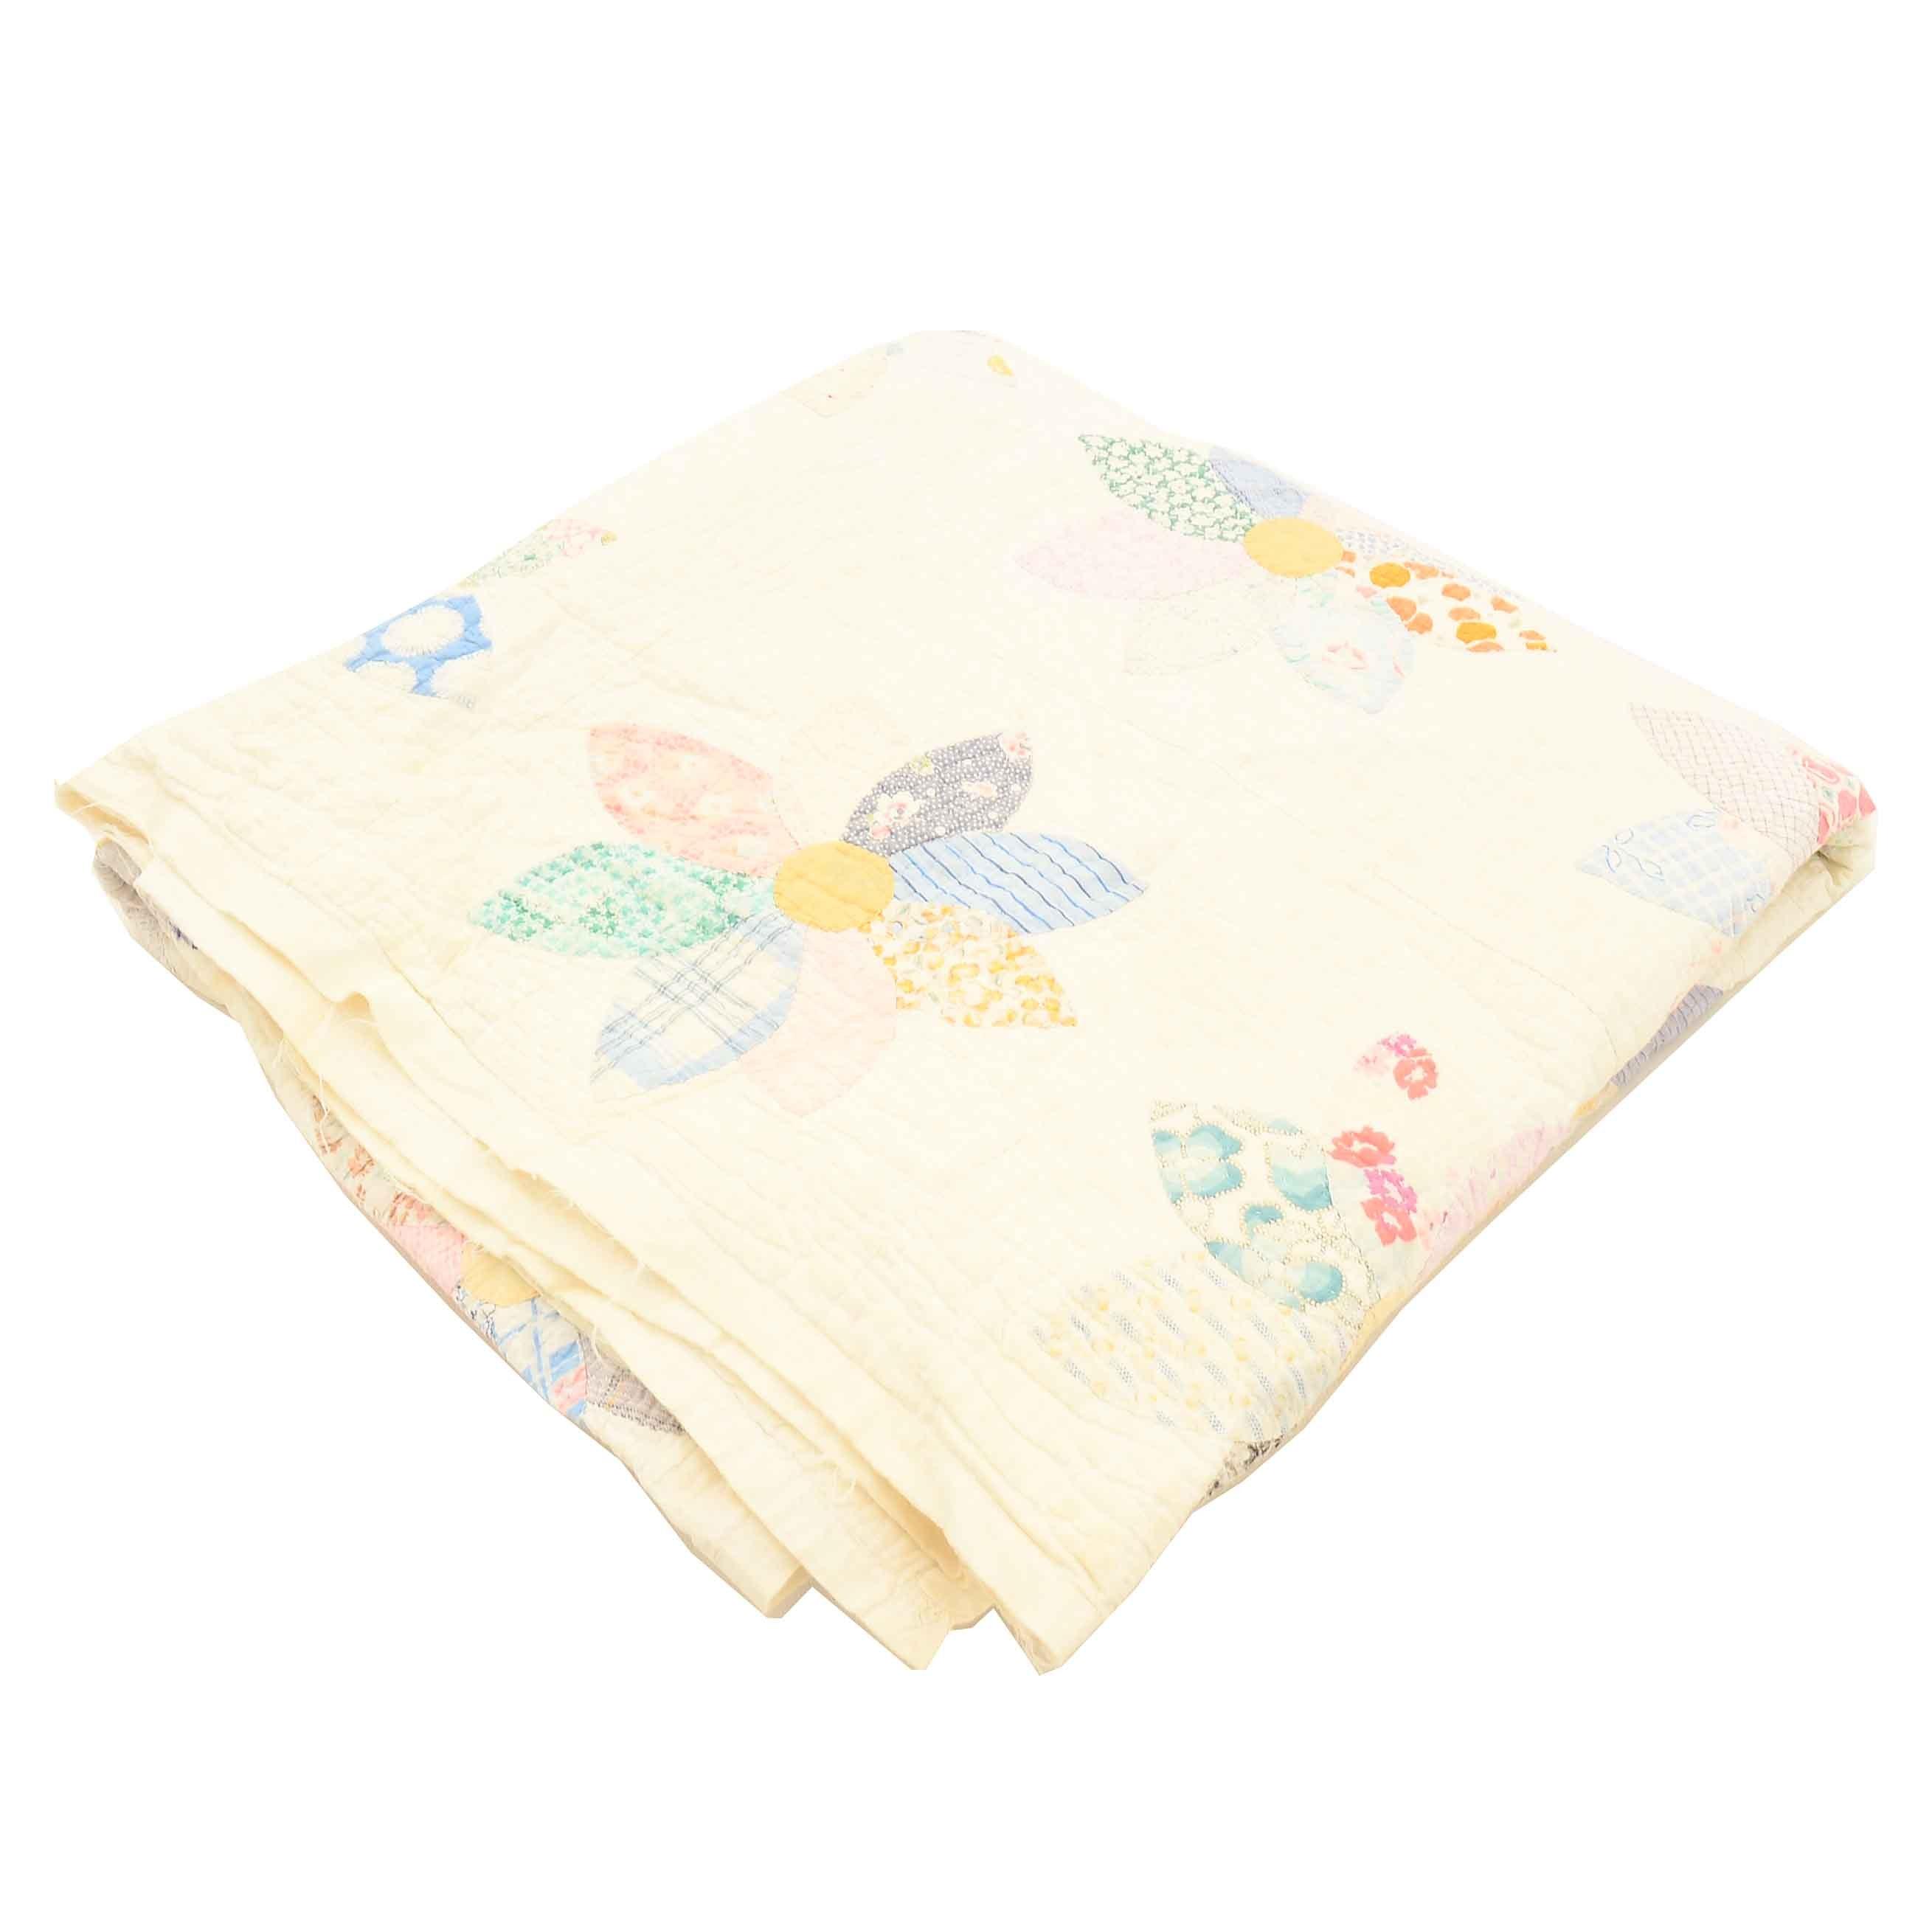 Vintage Cotton and Multi-Color Floral Patchwork Quilt